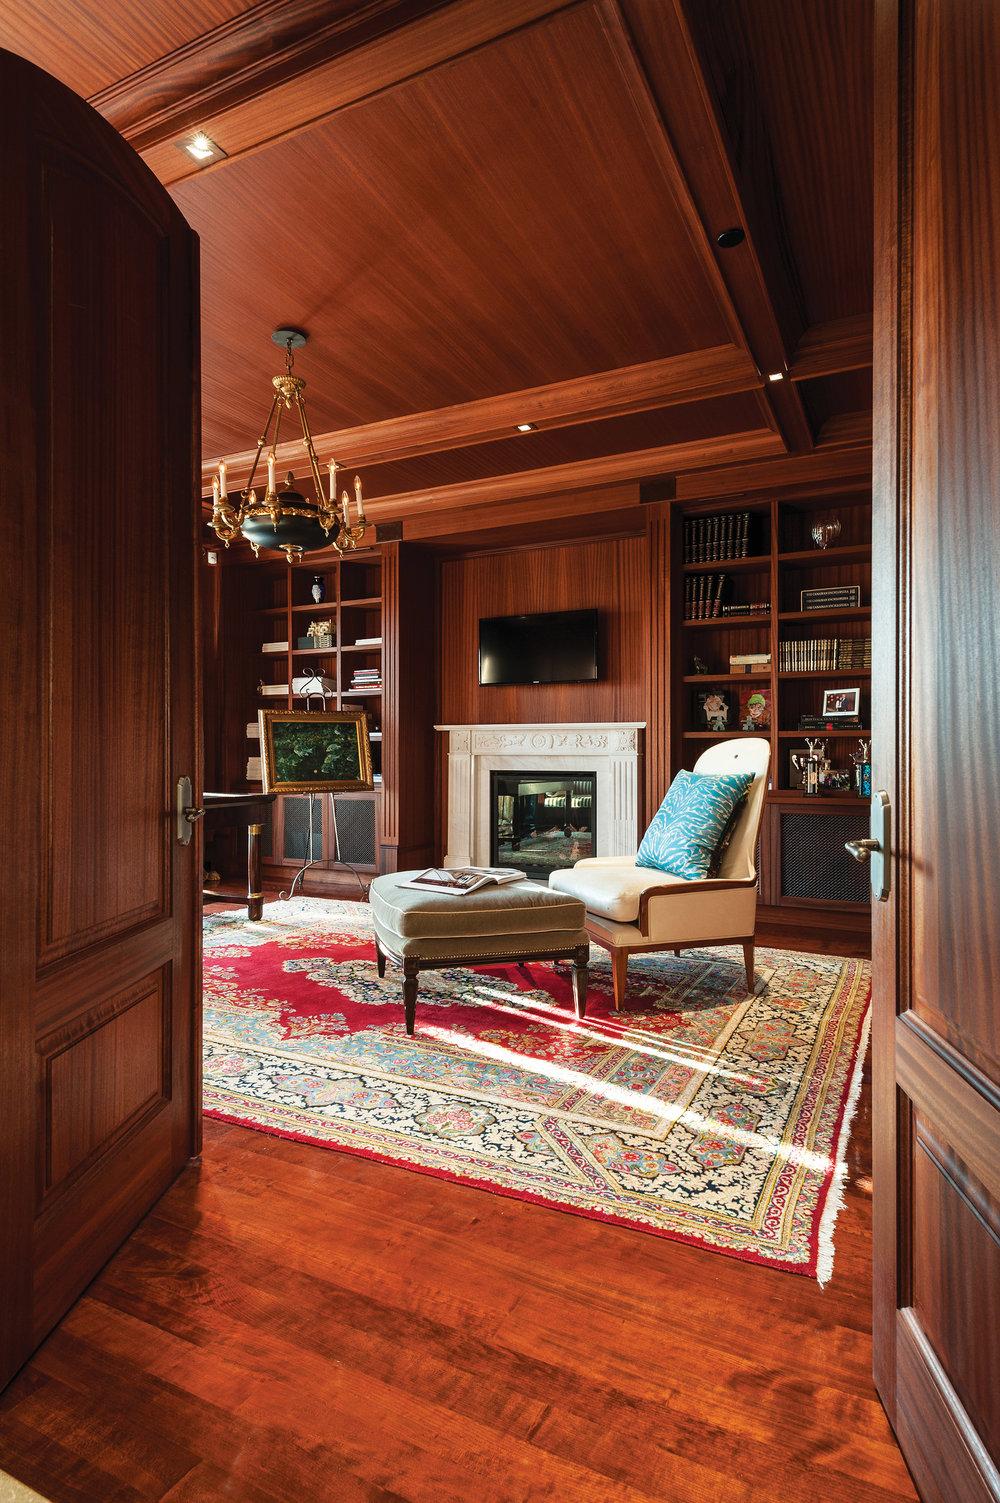 書房的牆壁上包裹著紅褐色的桃花心木裝飾板,舒適的法式乳白色皮革椅子和路易十六時期的古董吊燈讓經典元素在這裏延續。